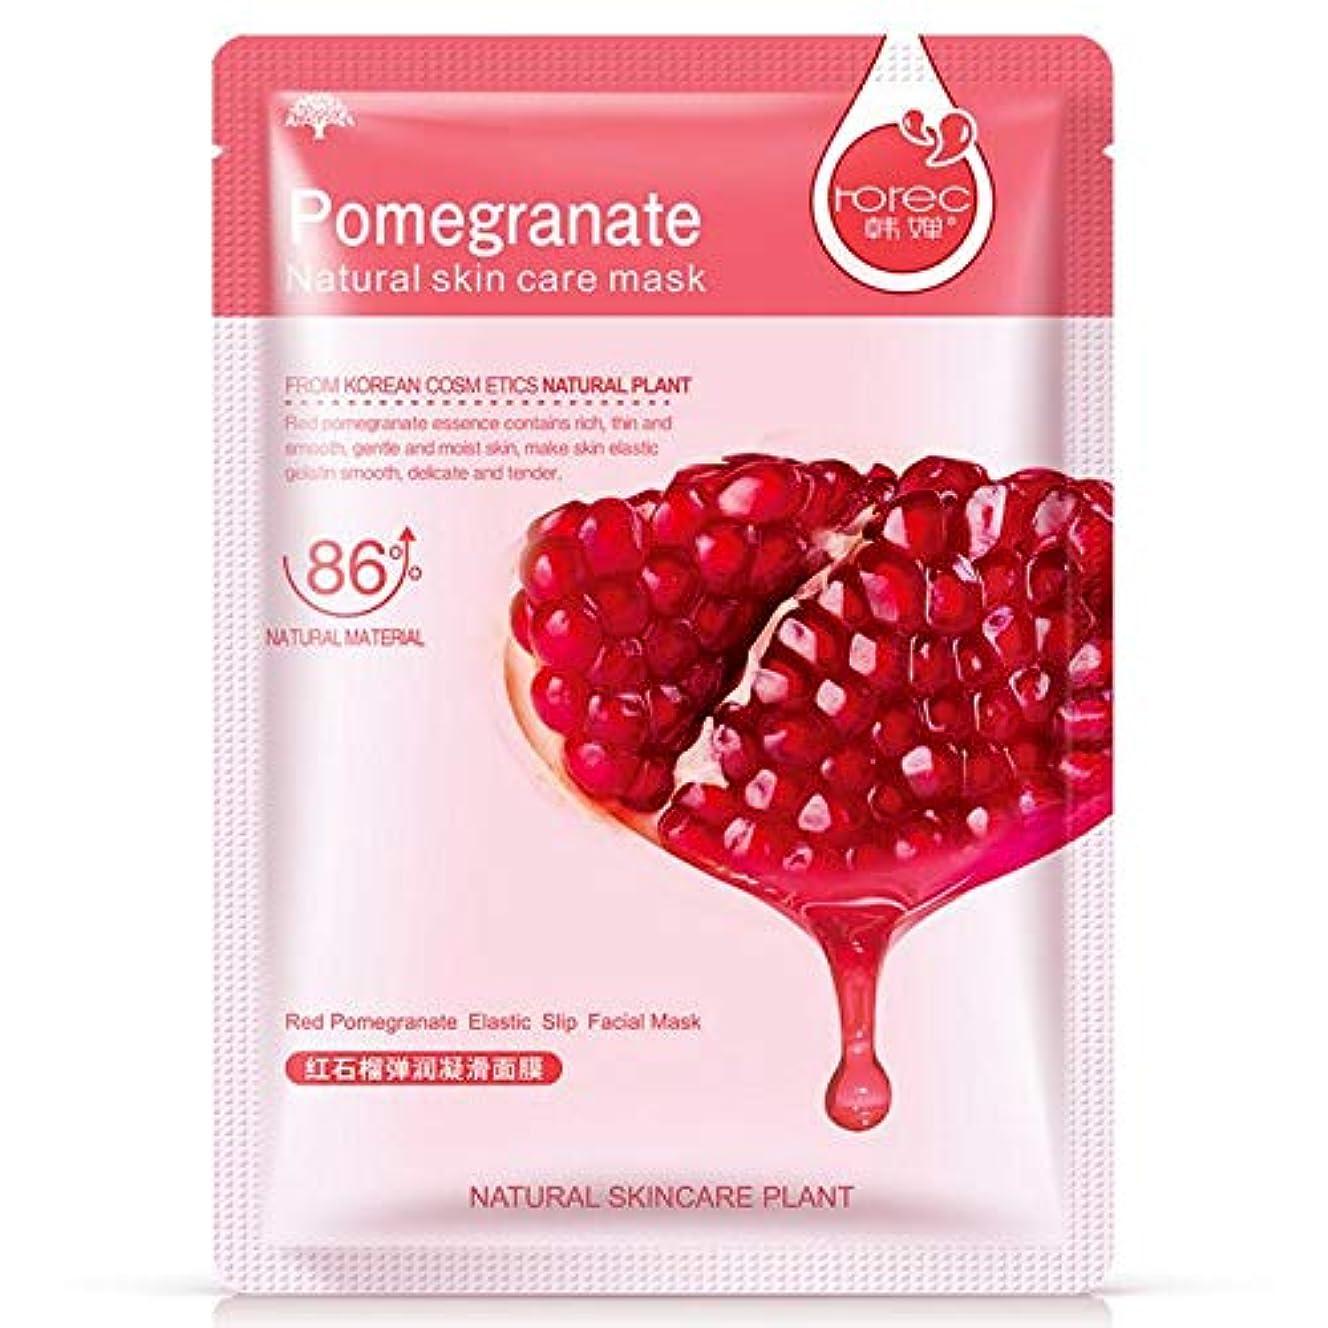 時計回り受け継ぐ窓を洗う(Pomegranate) Skin Care Plant Facial Mask Moisturizing Oil Control Blackhead Remover Wrapped Mask Face Mask Face Care